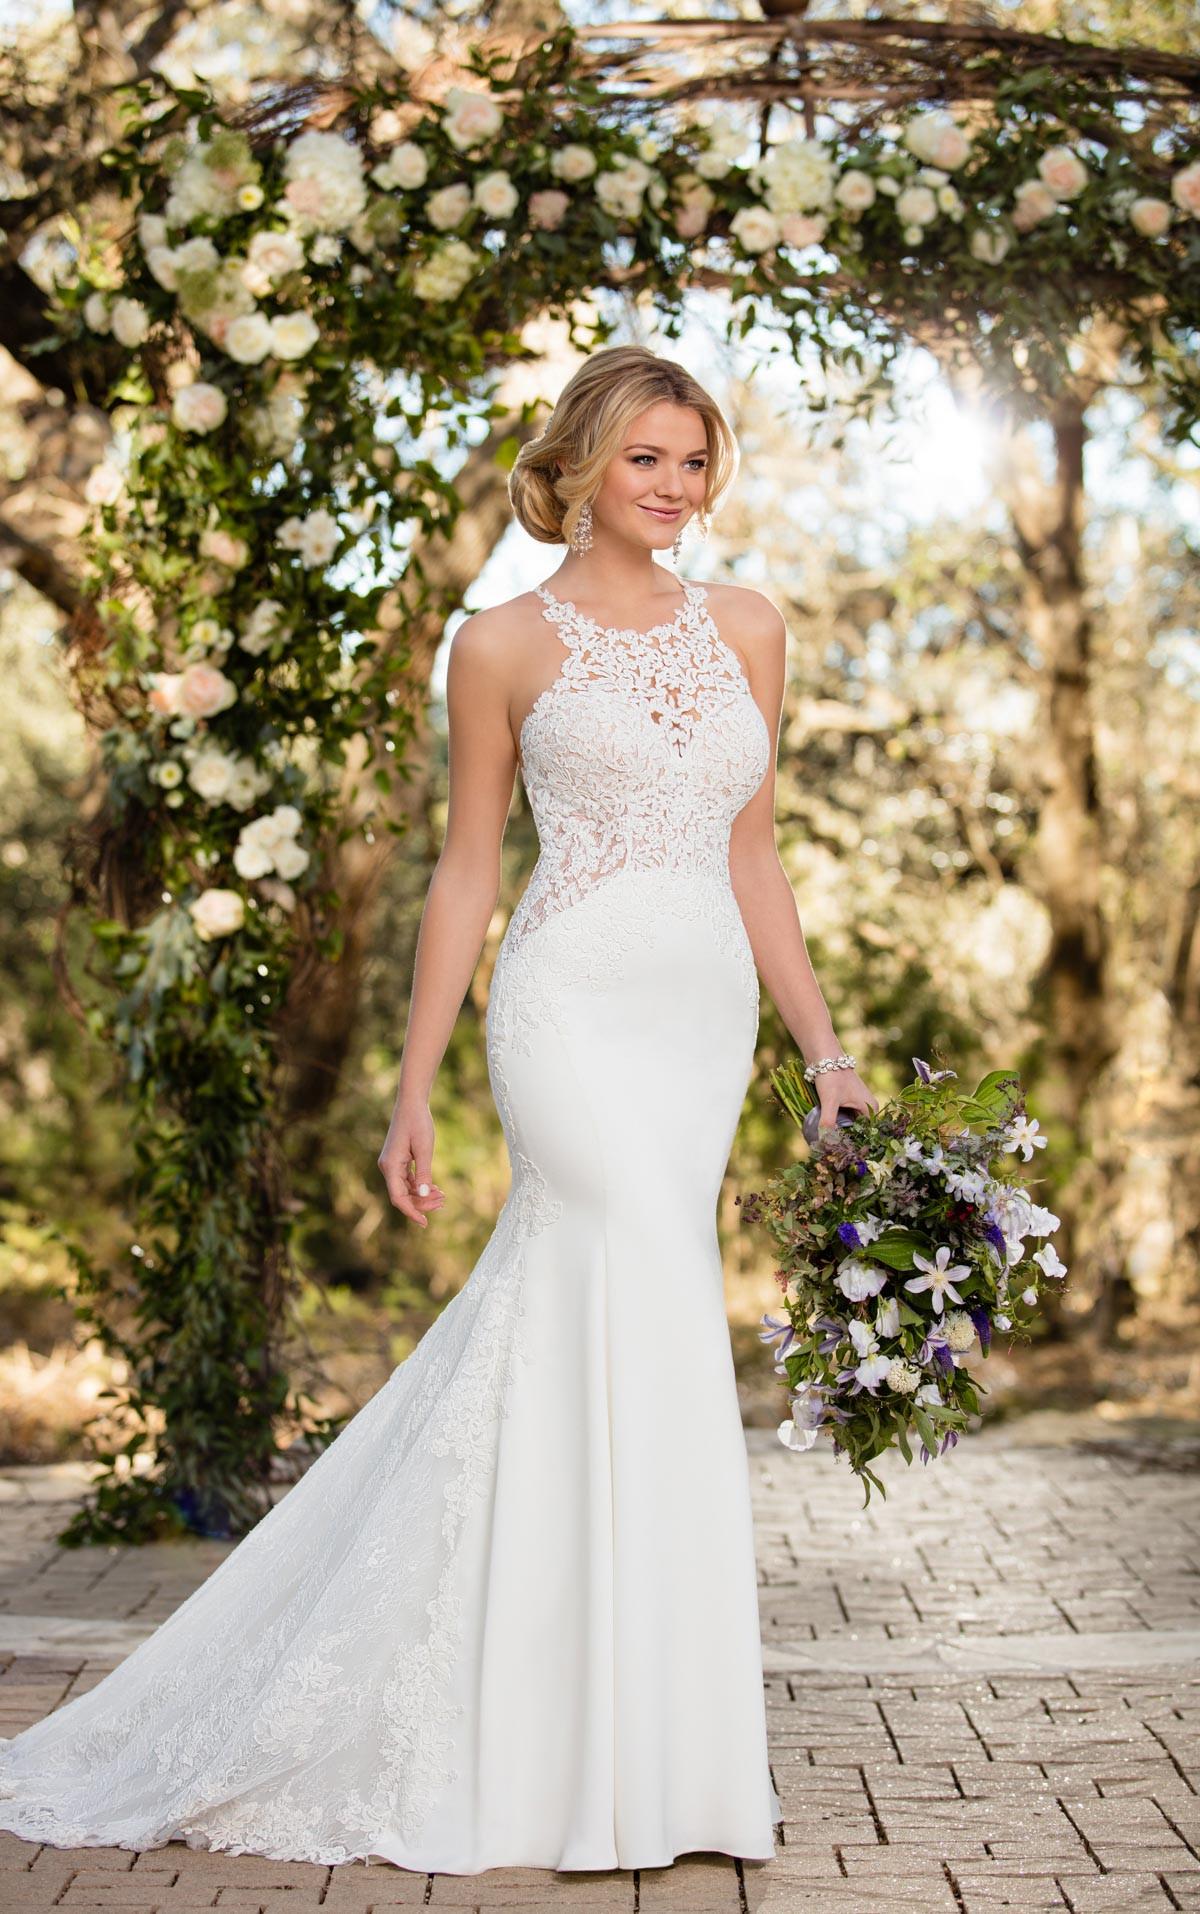 Lace Wedding Gowns  Lace Wedding Dresses Unique Lace Wedding Gown